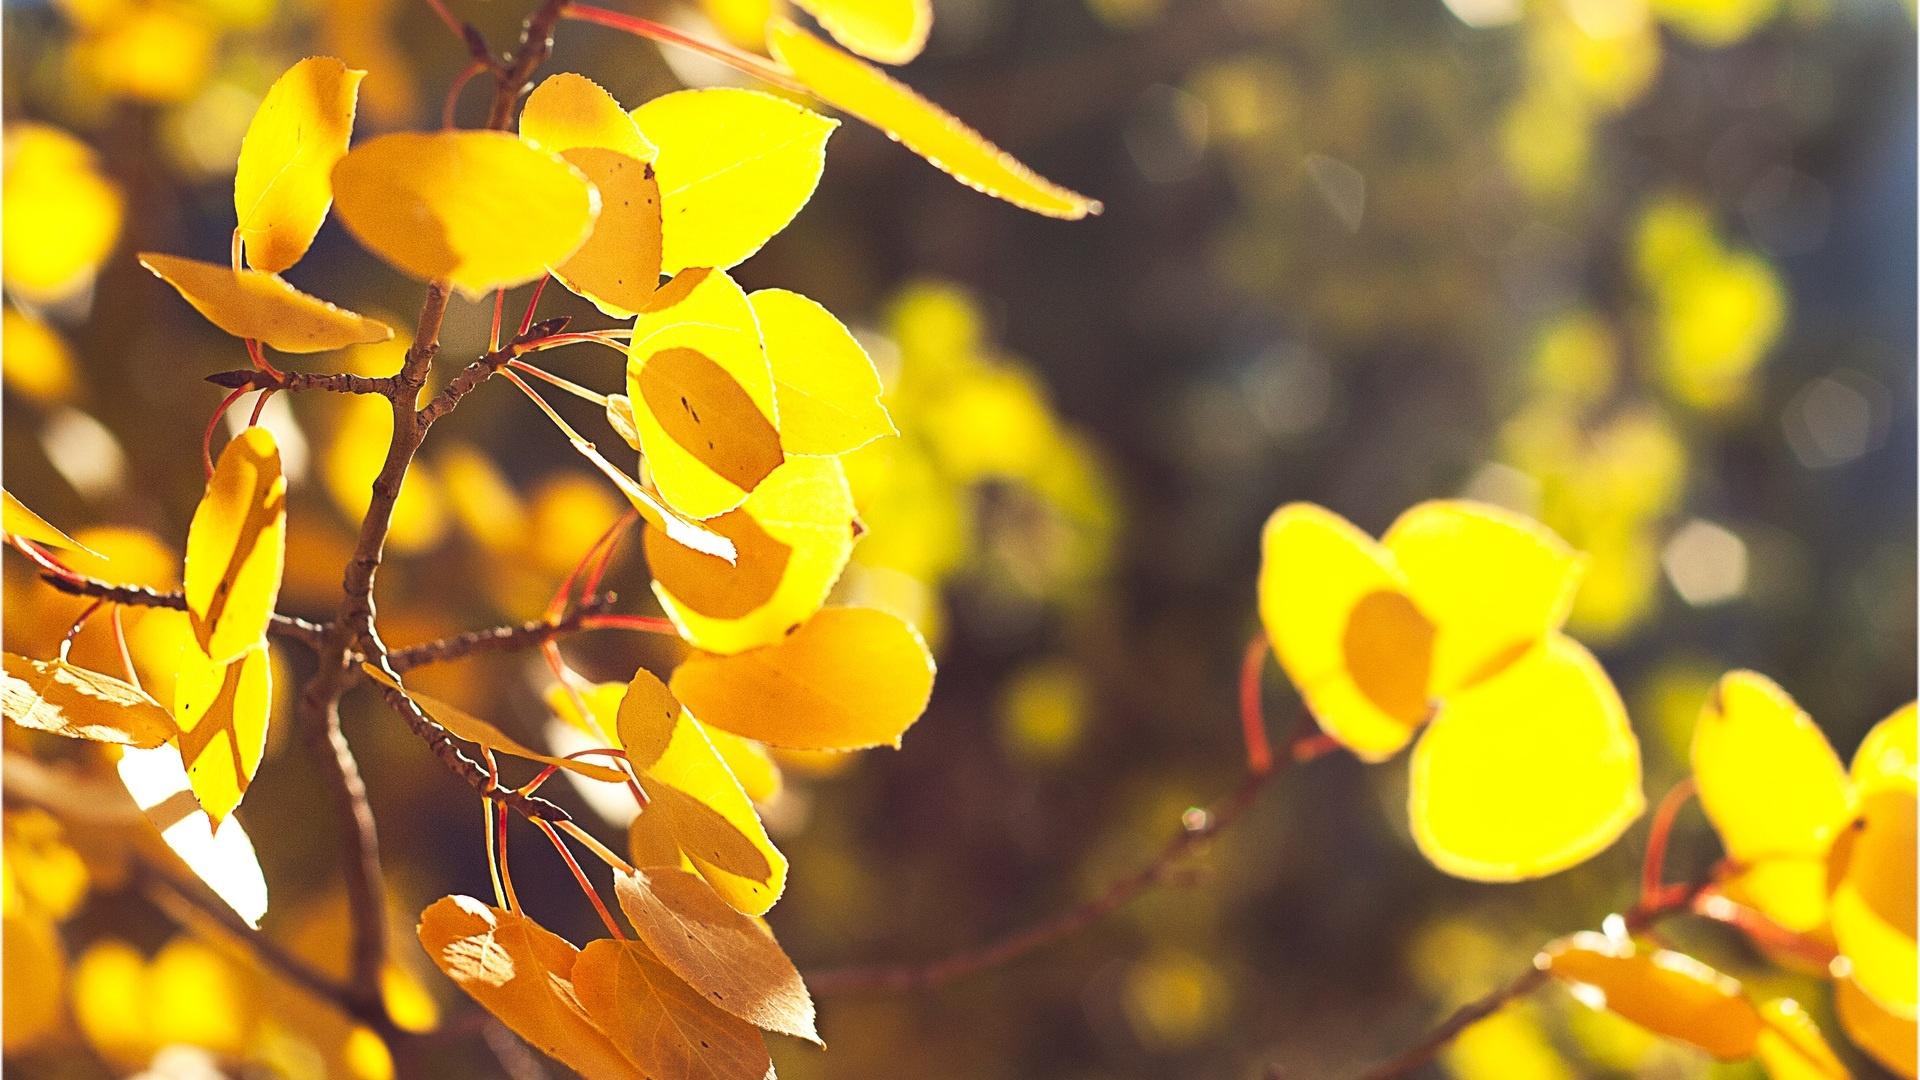 Yellow Nature windows background